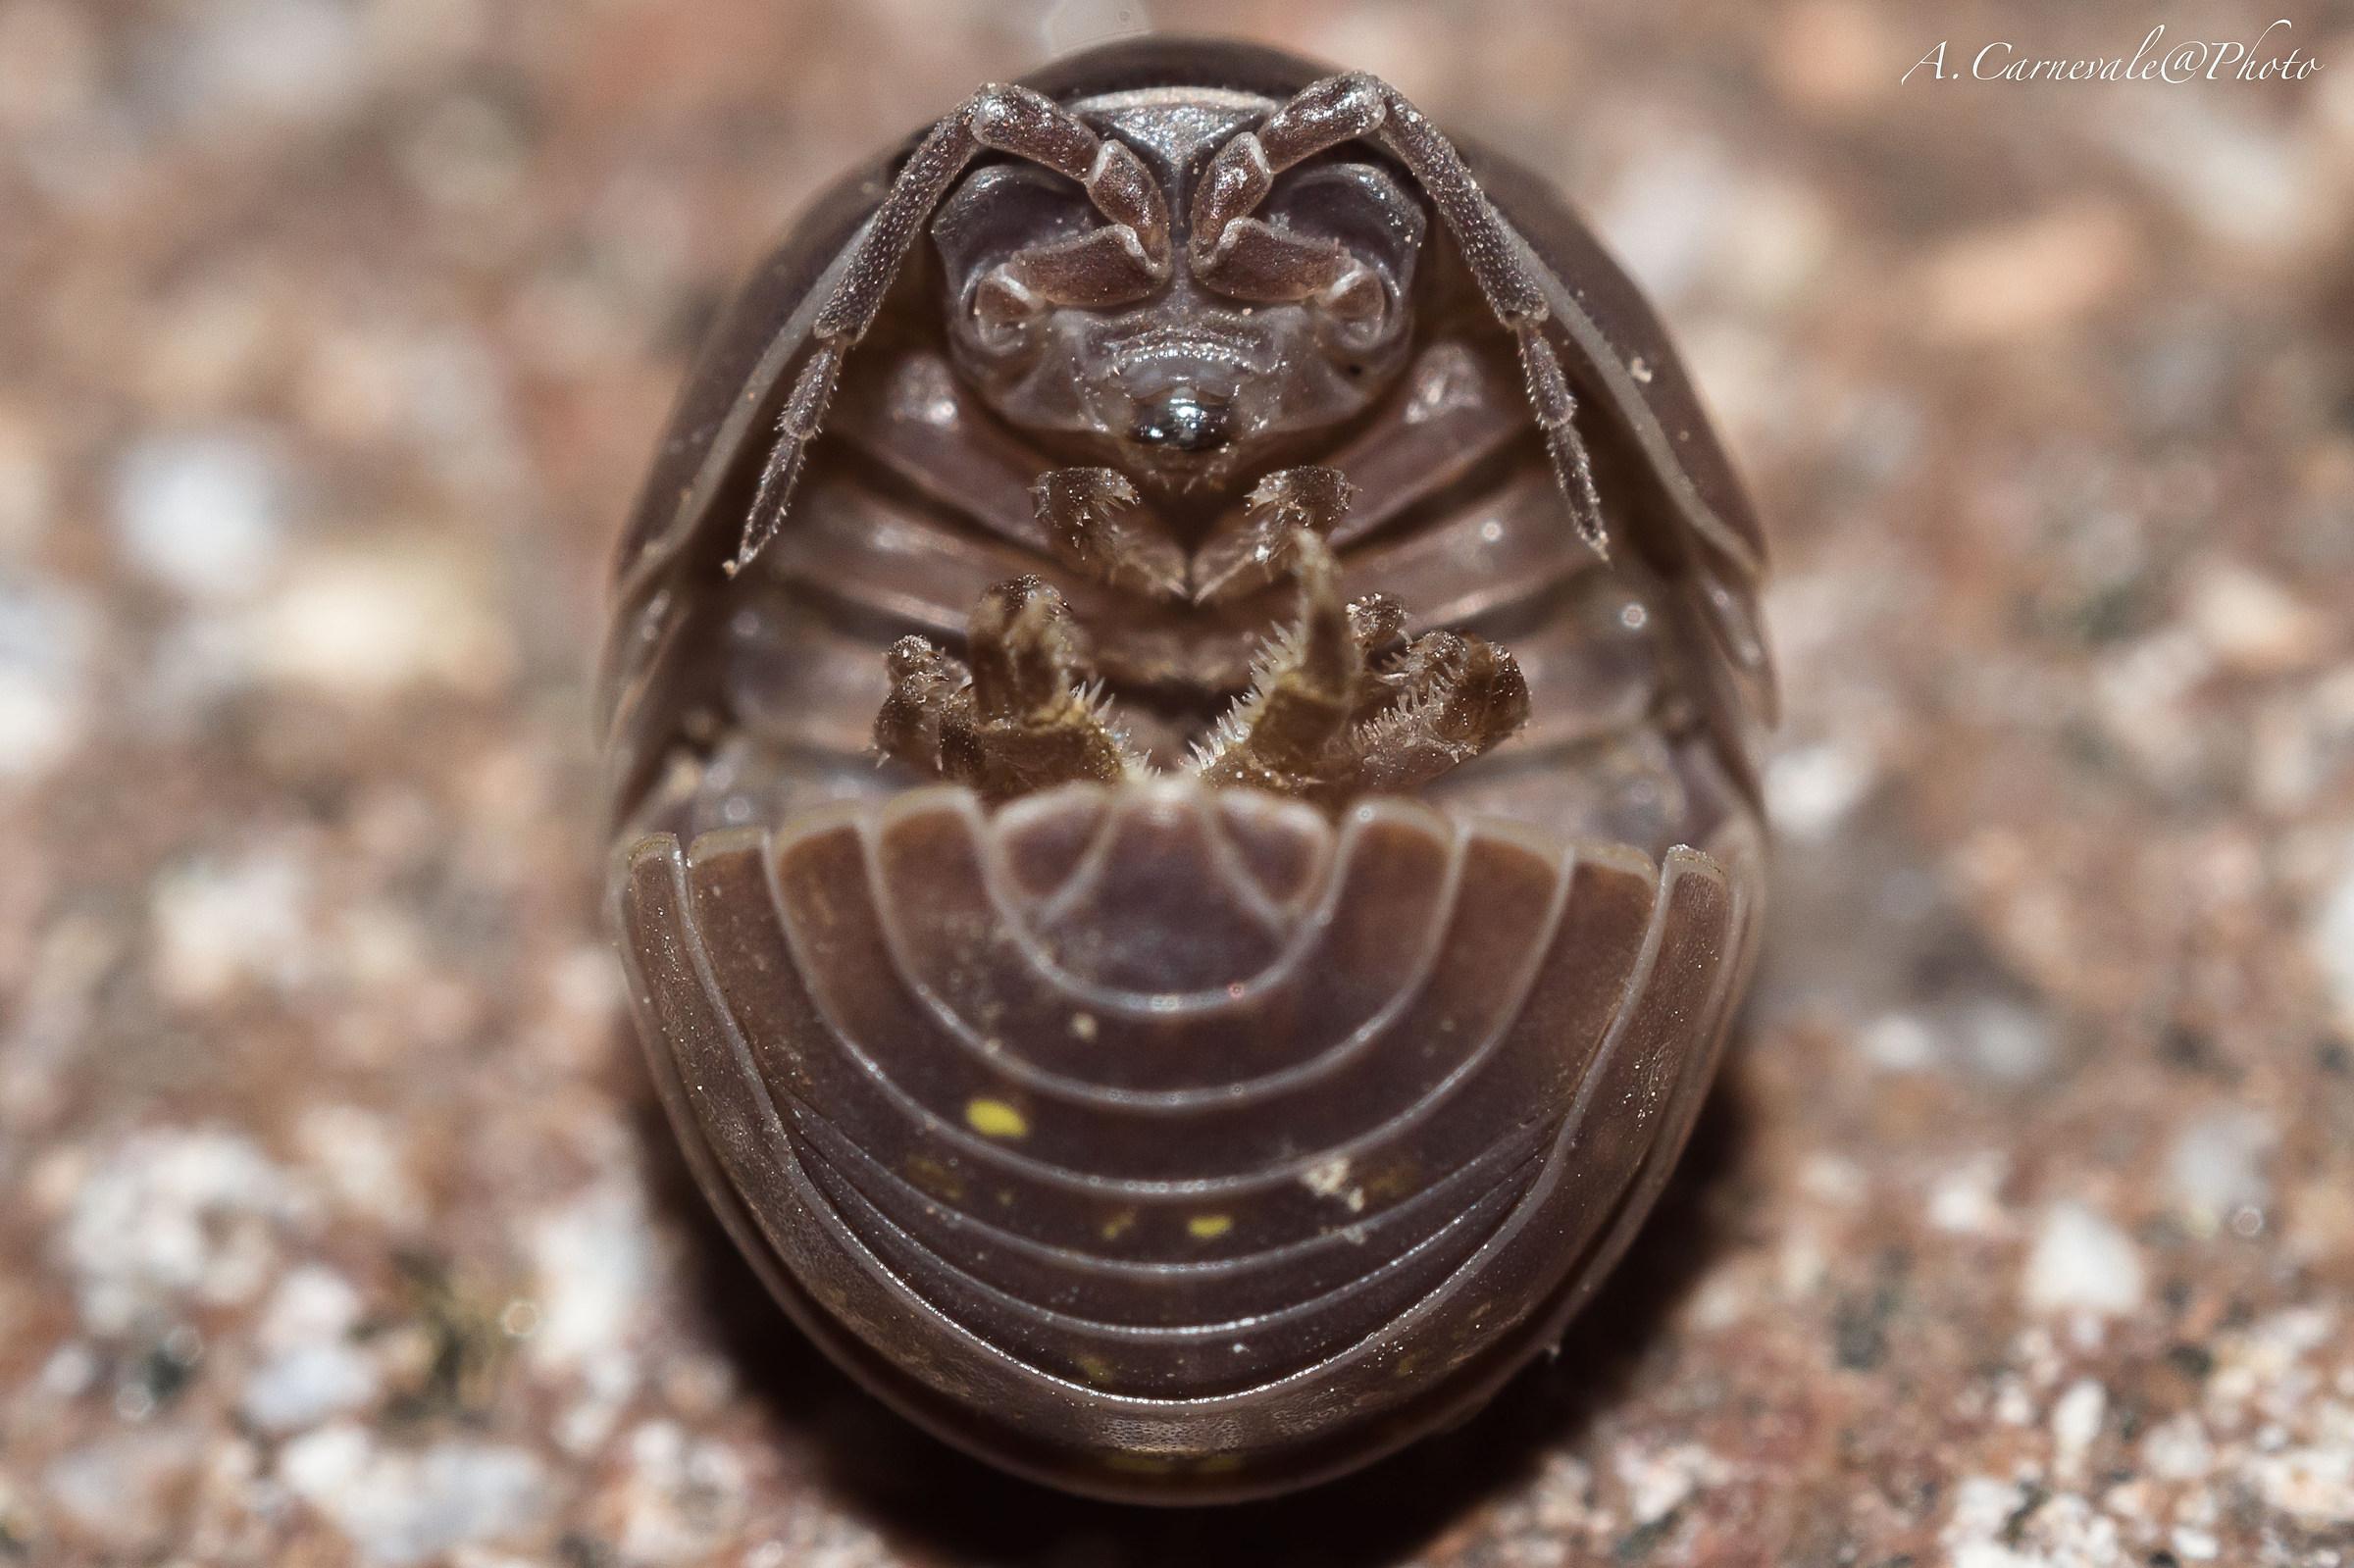 Lord Fenner (Armadillidium vulgare)...